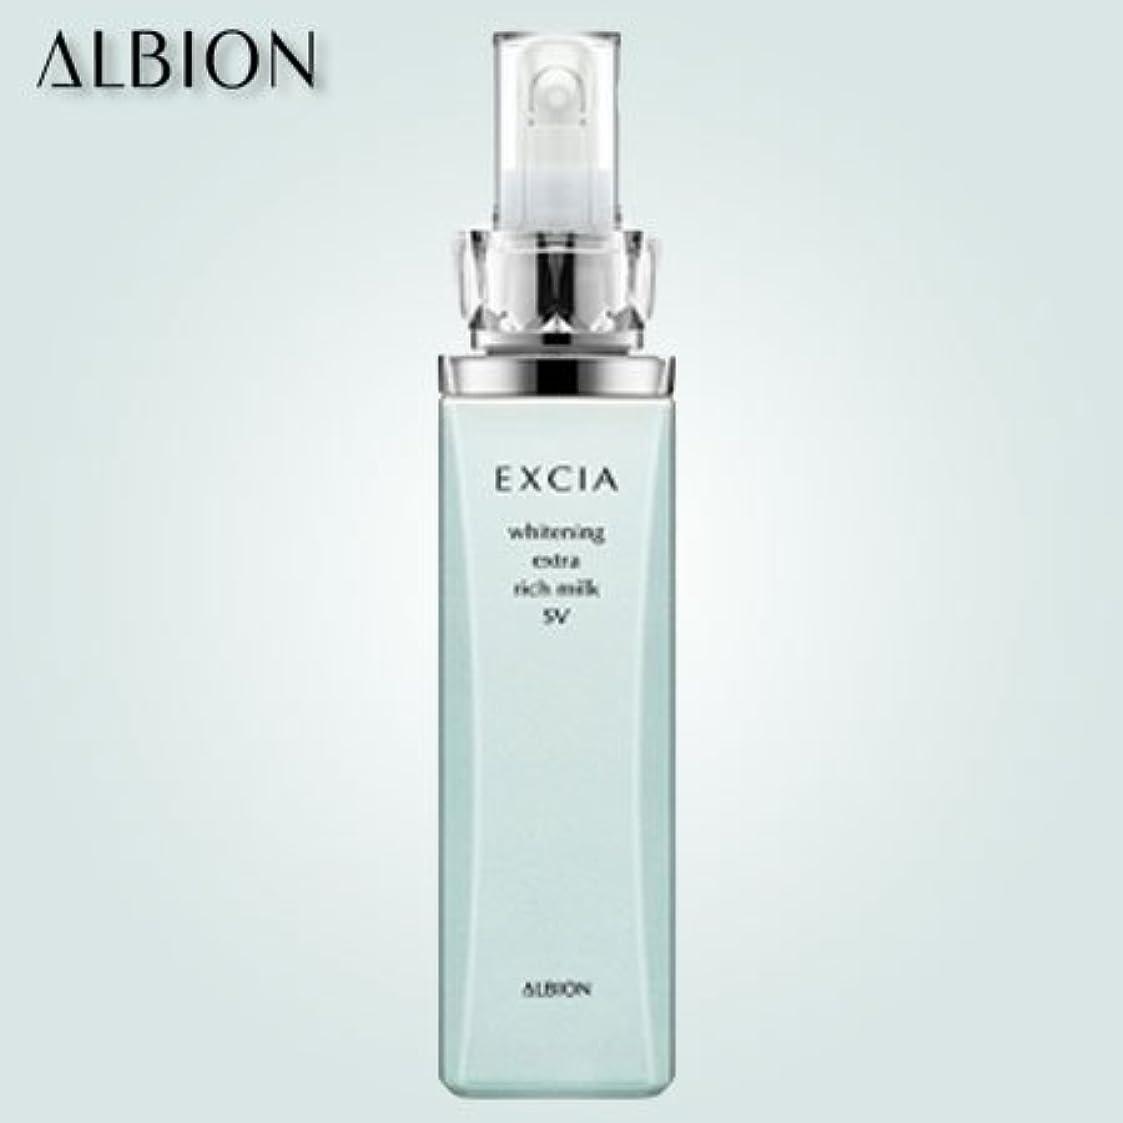 穿孔する芝生社説アルビオン エクシアAL ホワイトニング エクストラリッチミルク SV(ノーマル~ドライスキン用)200g-ALBION-